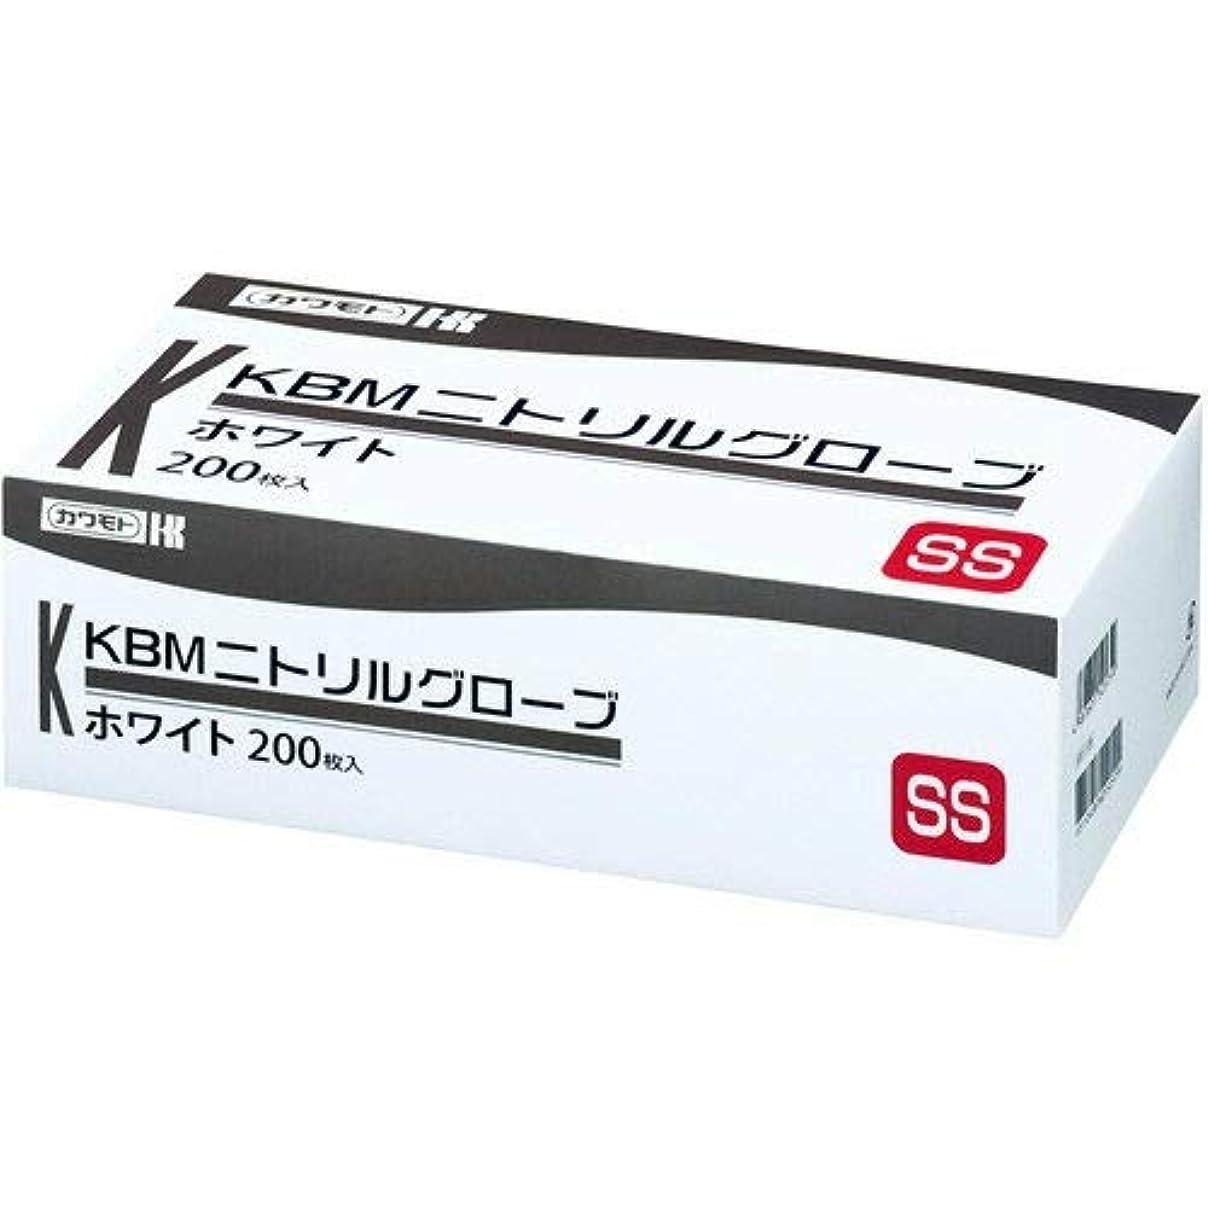 肥料クラシック一瞬川本産業 カワモト ニトリルグローブ ホワイト SS 200枚入